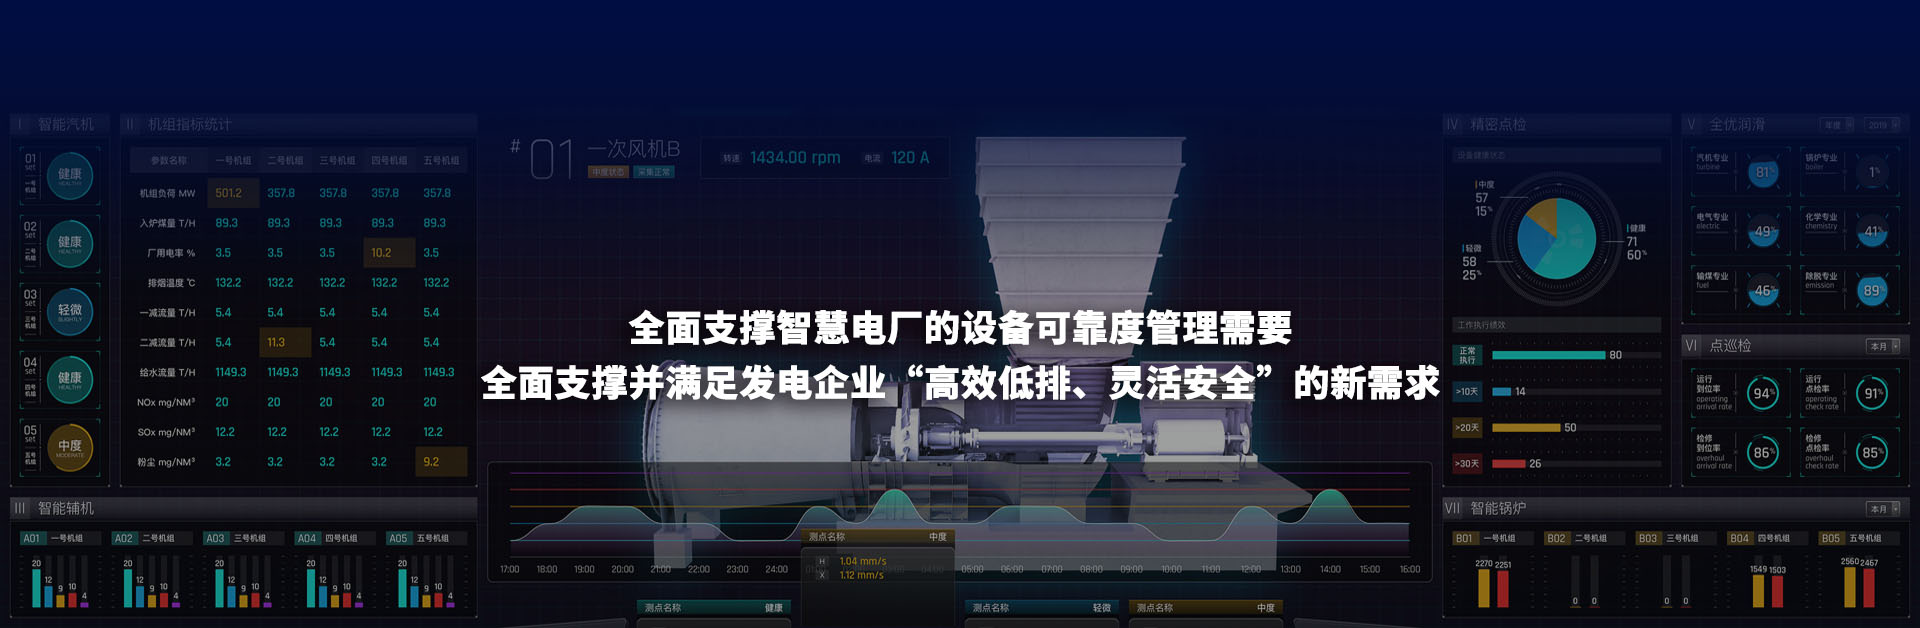 智能维护banner(201216)z